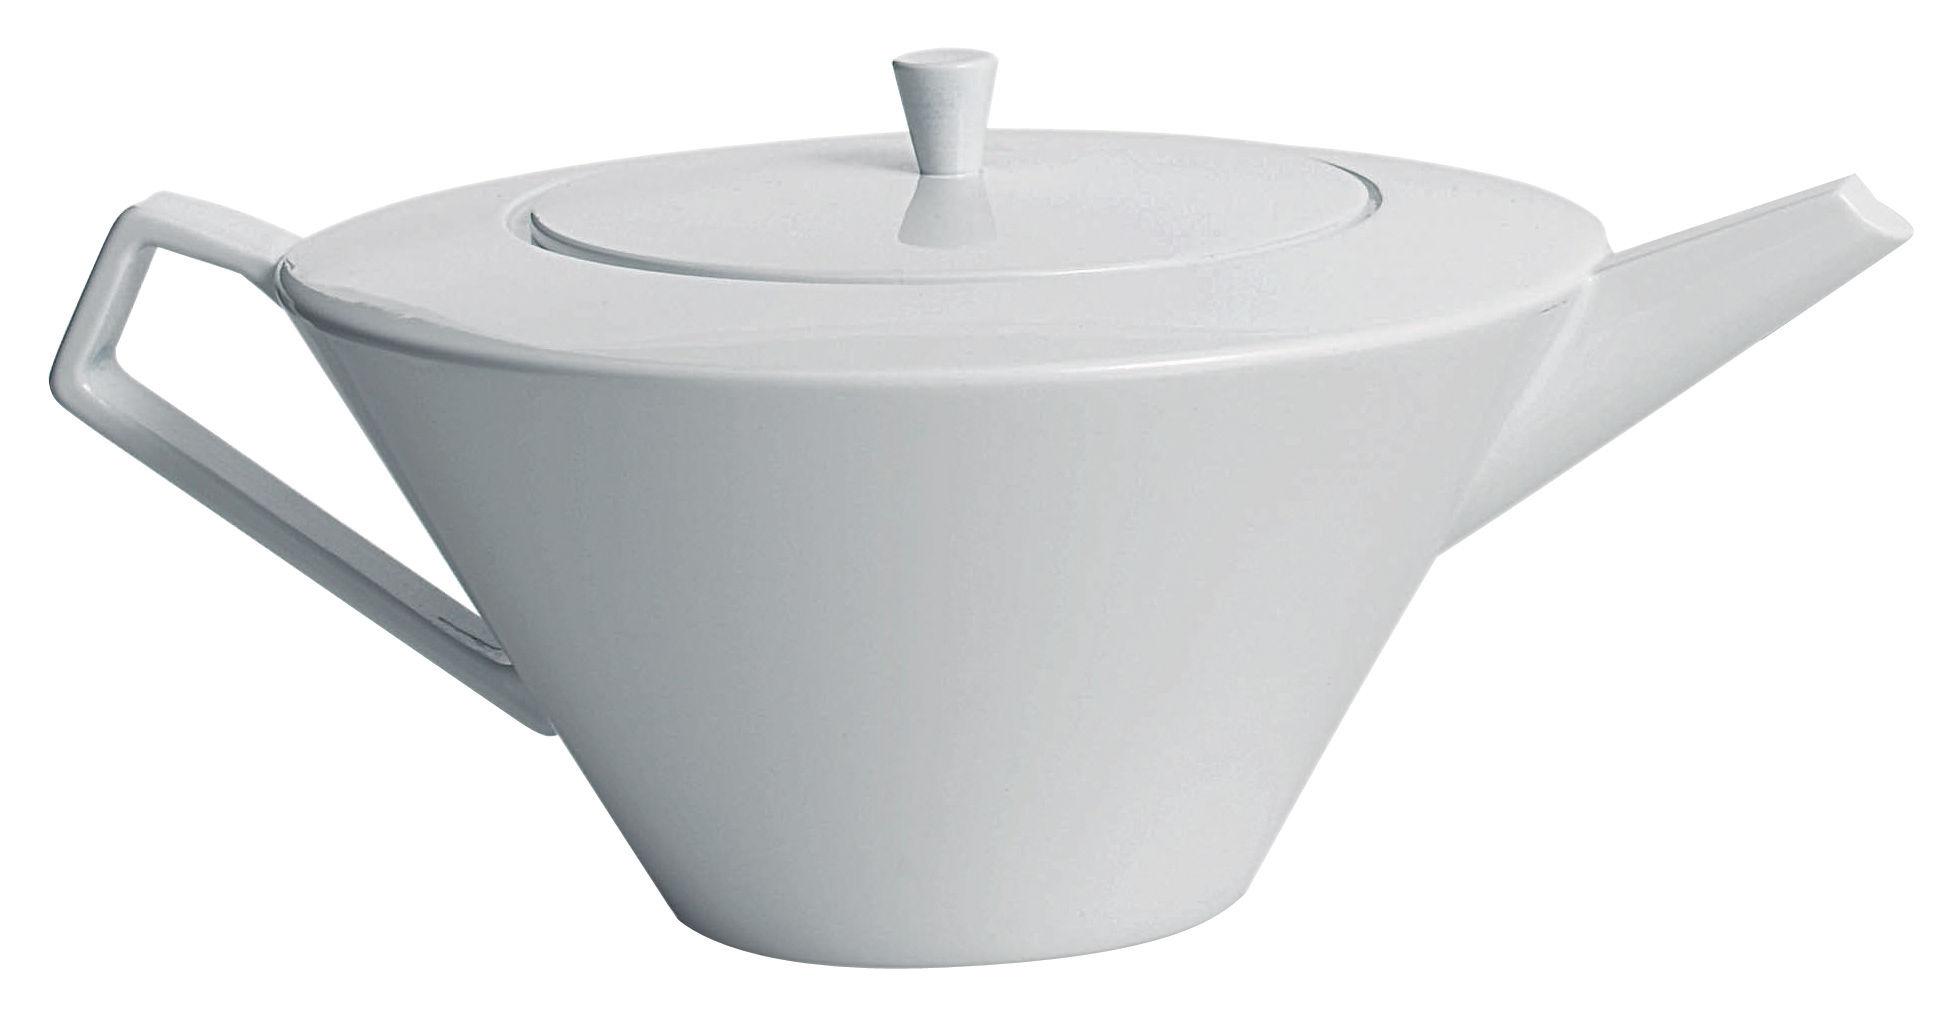 Tischkultur - Tee und Kaffee - Anatolia Teekanne - Driade Kosmo - Weiß - Porzellan